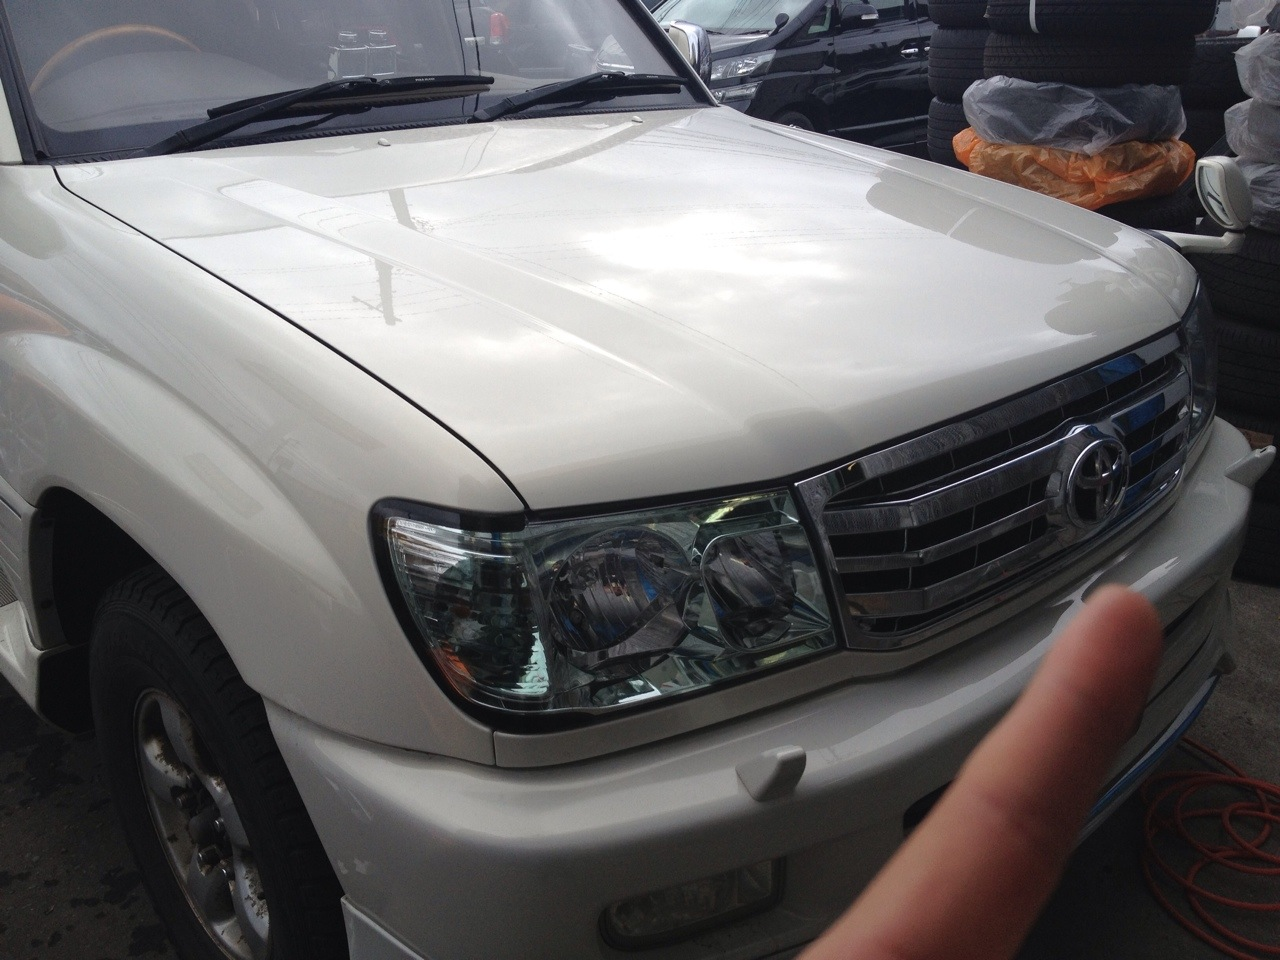 ランクル、ハマー、アルファード、エスカレード♪車買うならTOMMYモータース♪_b0127002_18283755.jpg